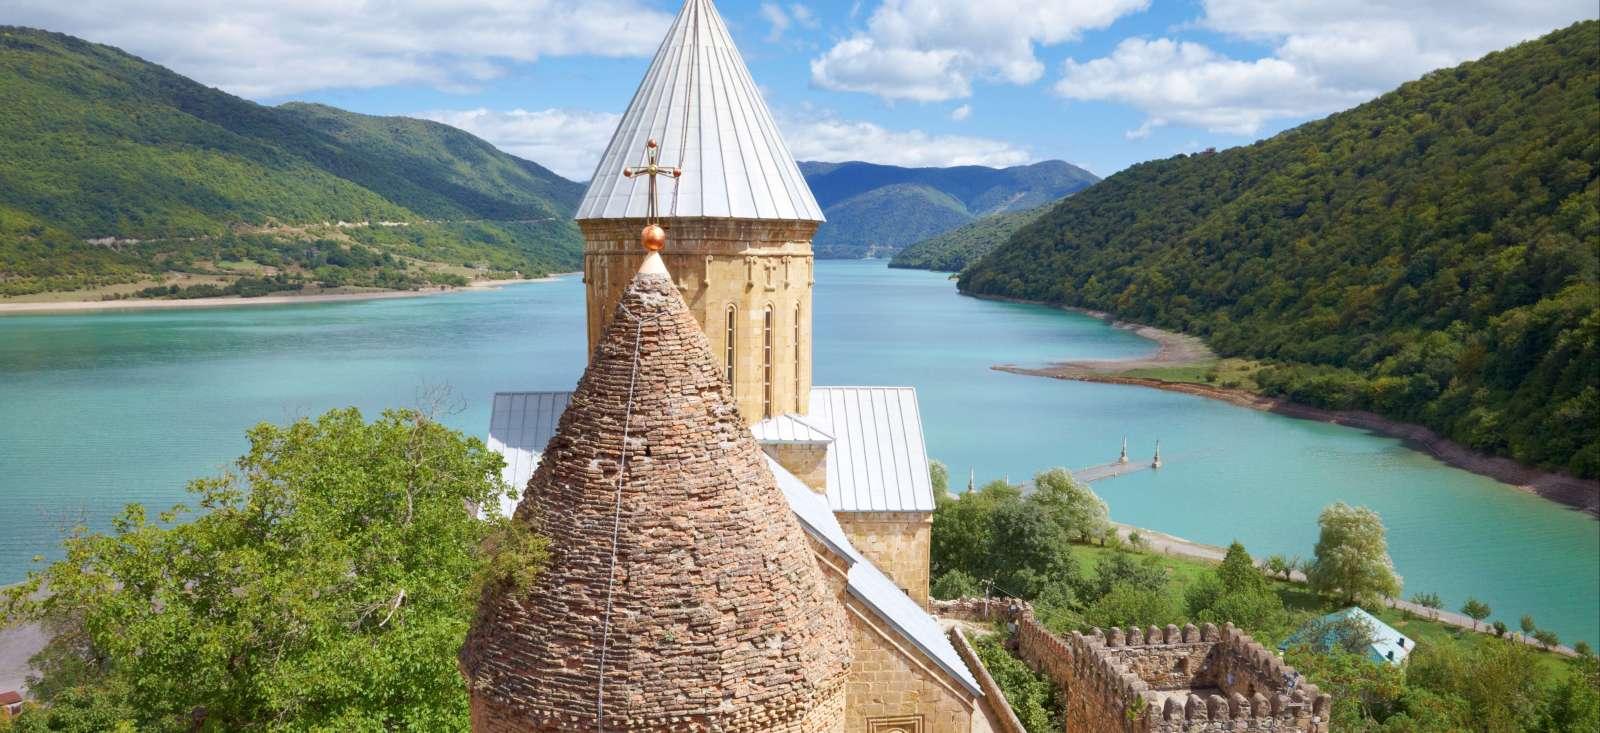 Voyage à pied : Petite escapade géorgienne